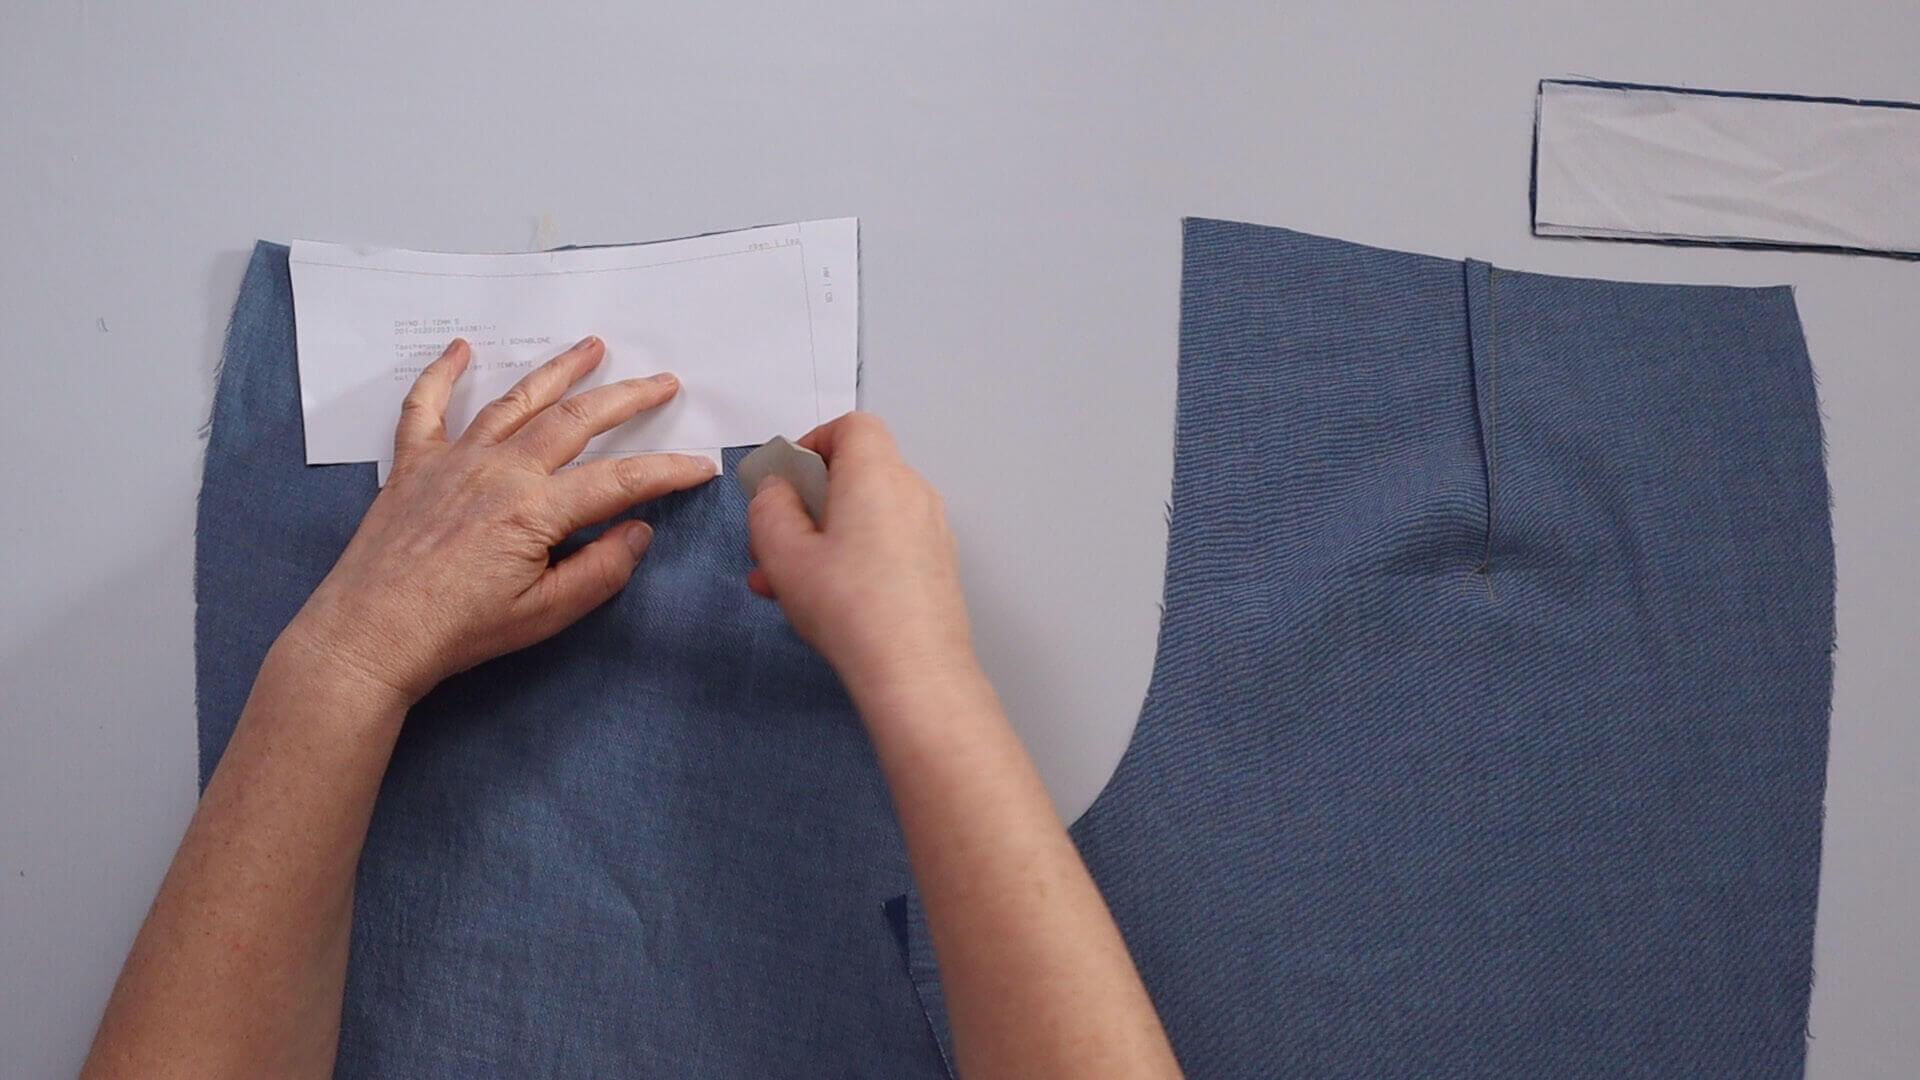 Hosentasche selber nähen-Tascheneingriff mit Einlage sichern